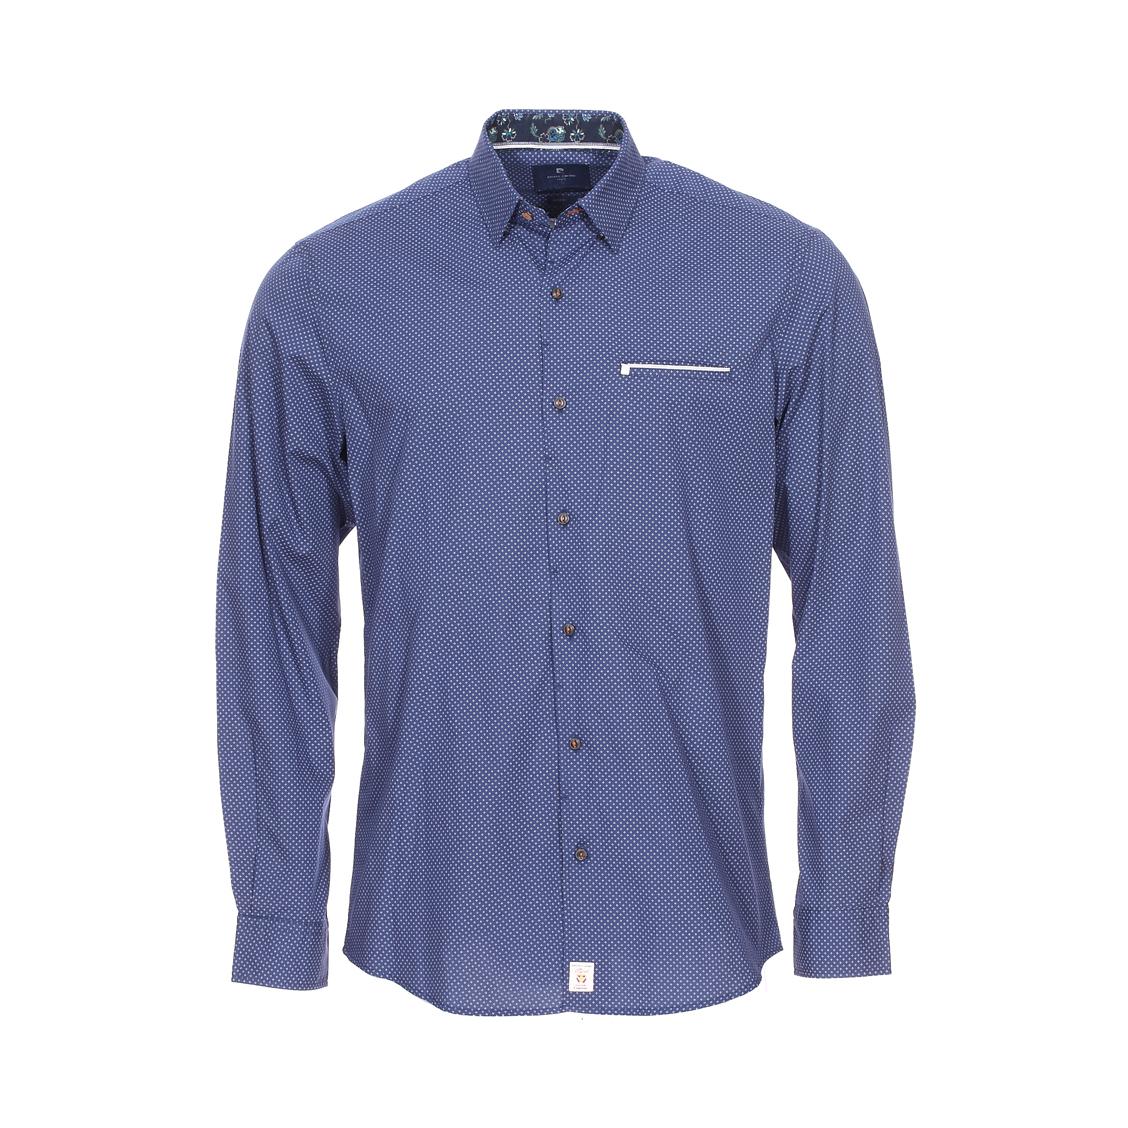 Chemise ajustée  en coton stretch bleu marine à motifs blancs et opposition bleu marine à fleurs